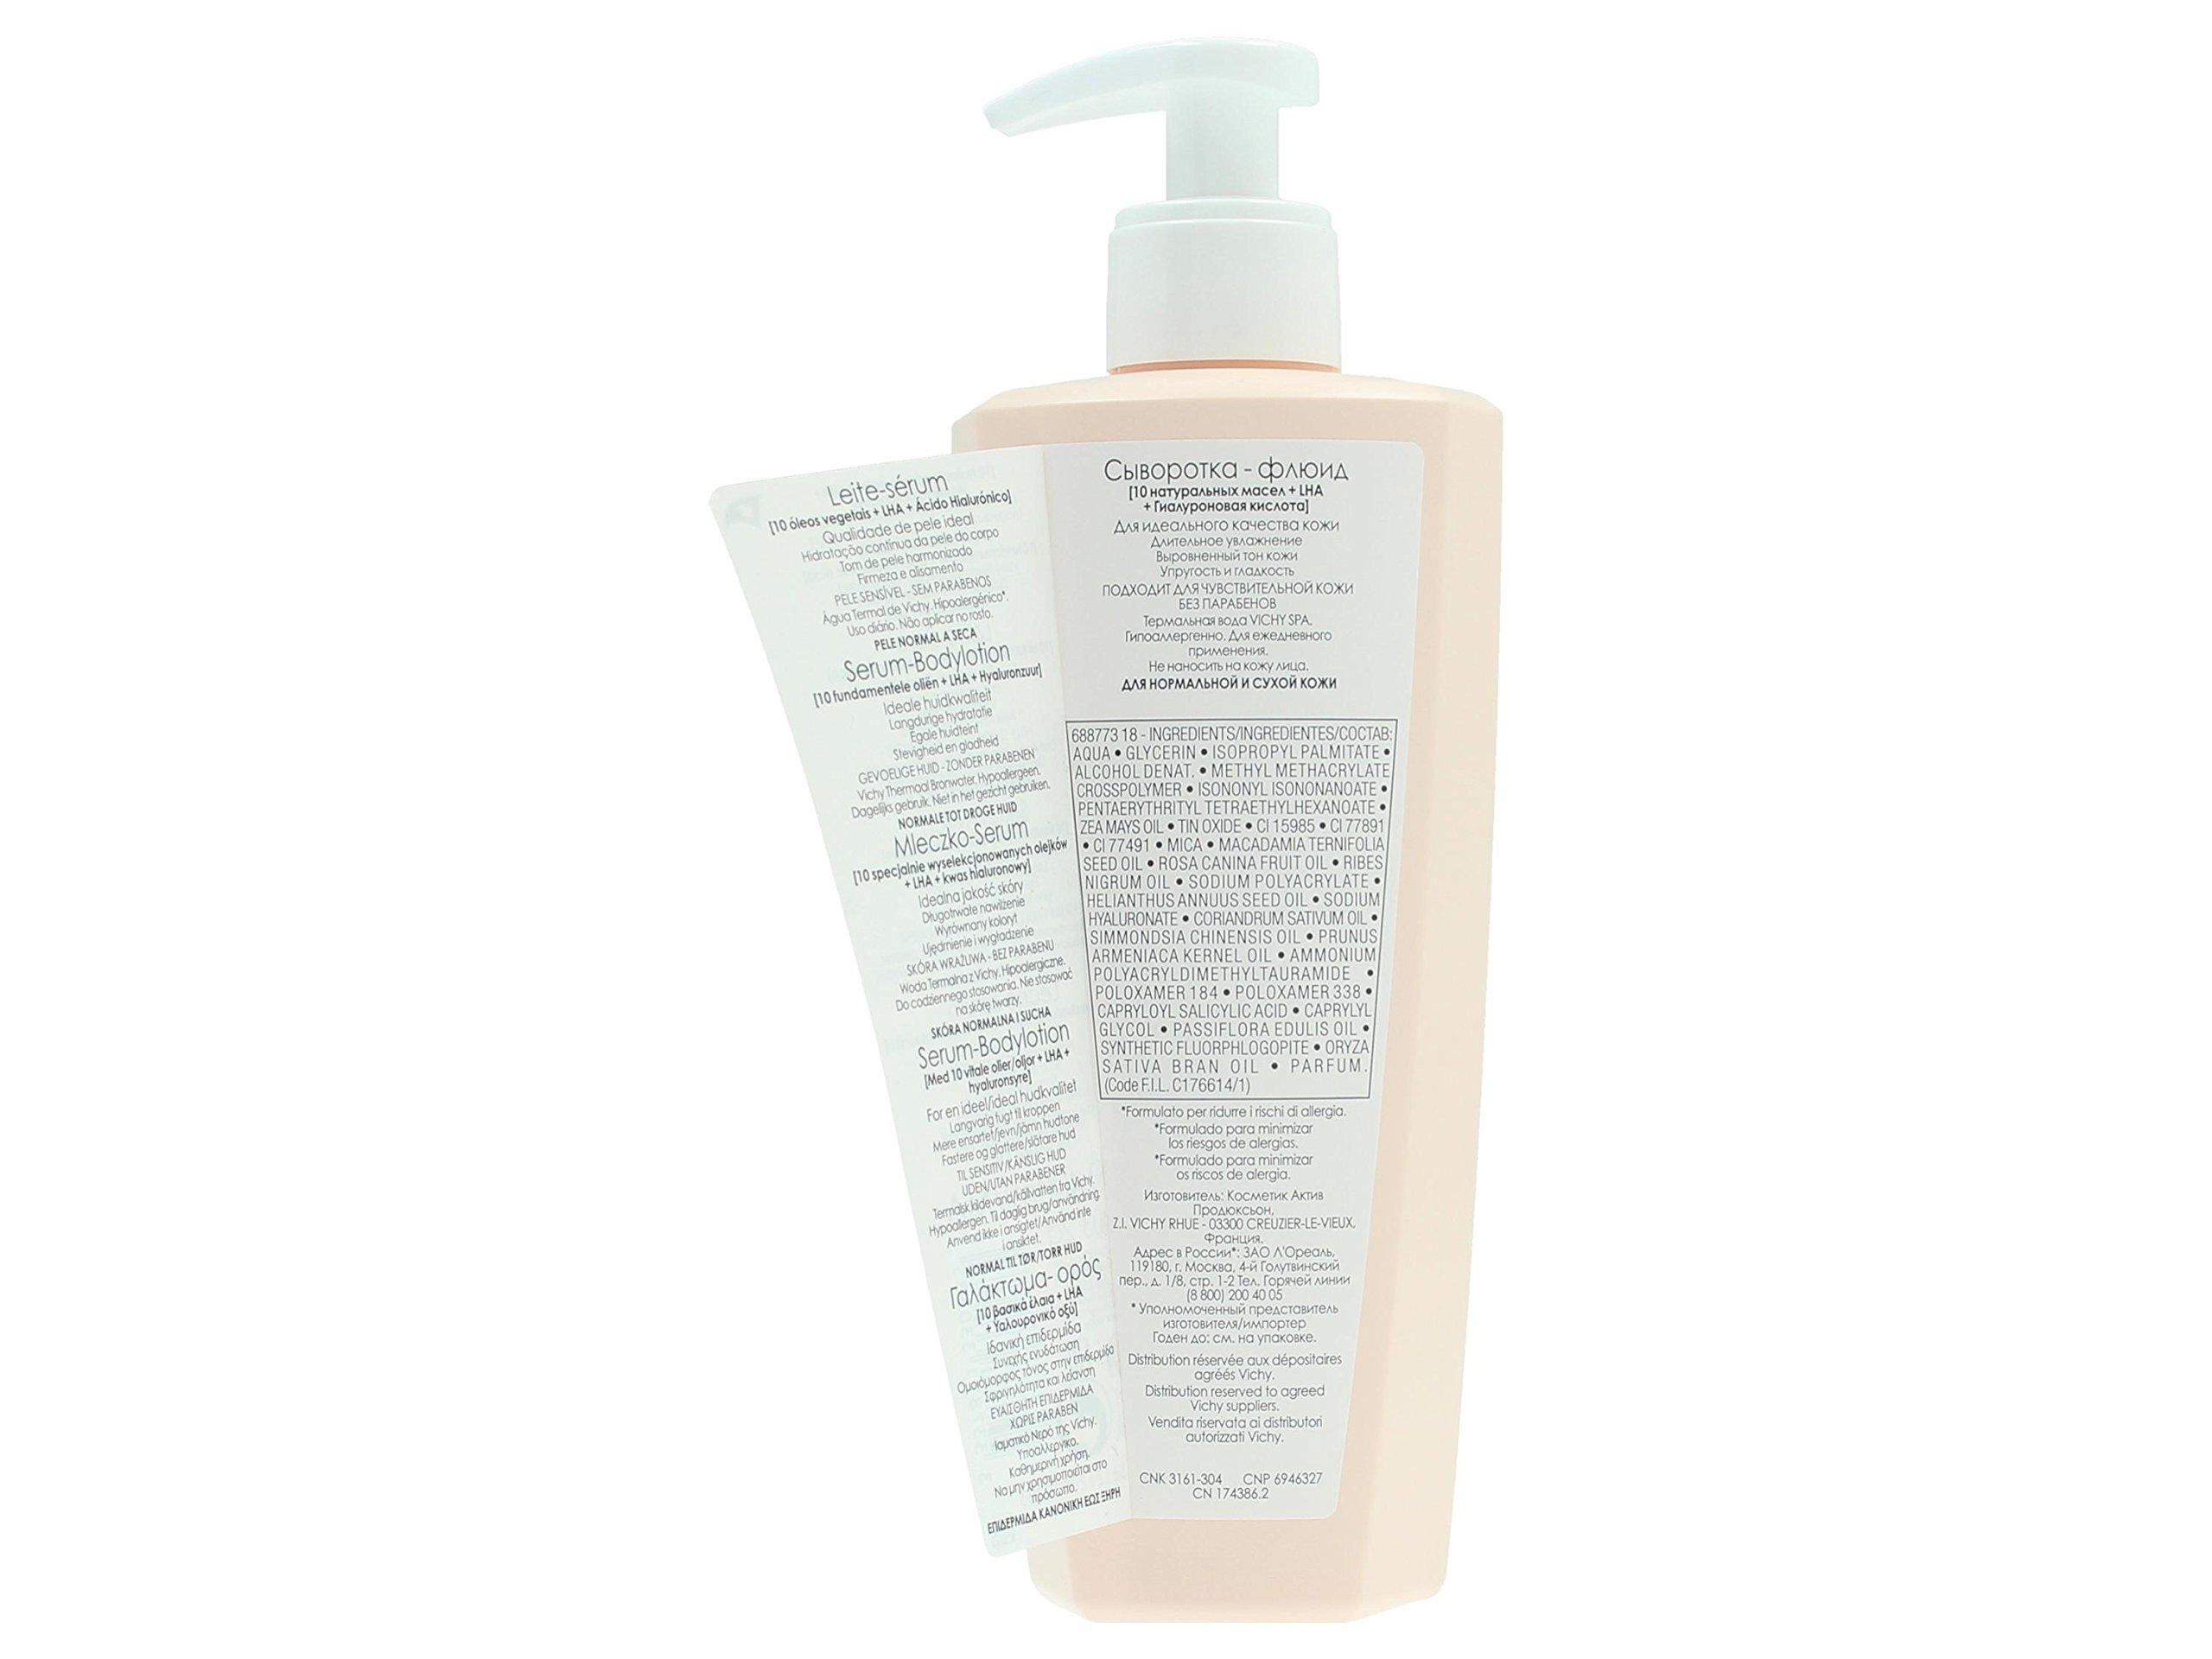 Vichy Idéal Body Milk 400ml – loción corporal (Piel mixta, Piel seca, Piel normal, Piel grasosa, Piel sensible, Wet skin, Anti-drying, Firming, Hydrating, Suavizar, Frasco dispensador)